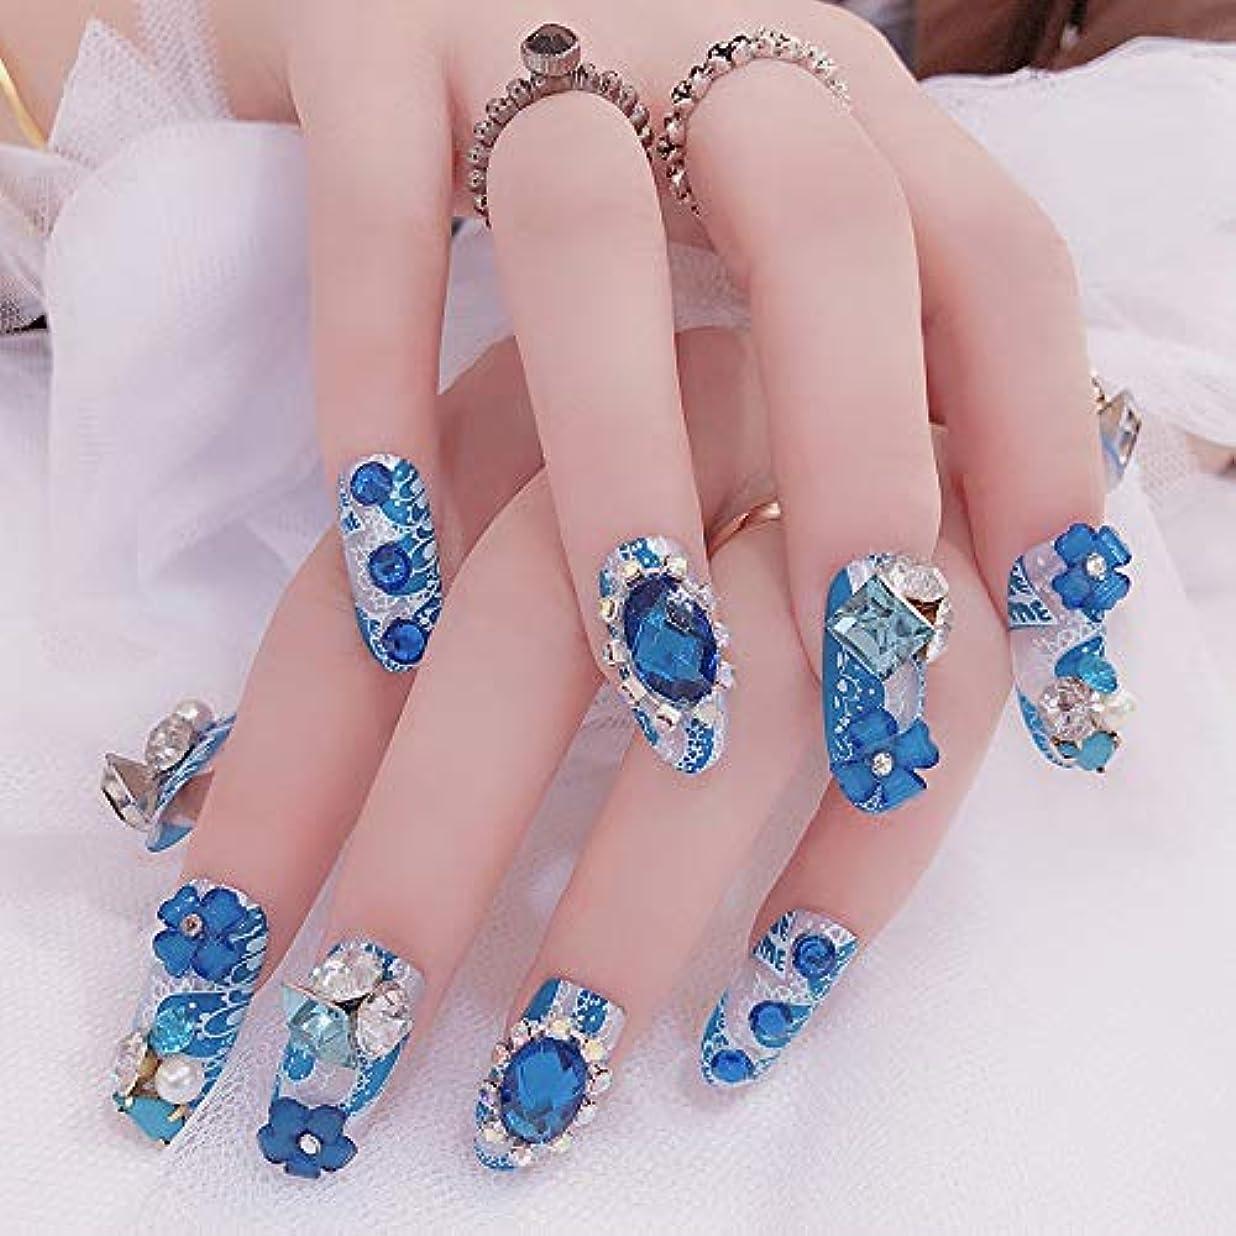 コンサート宝機械的豪华なつけ爪 眩しいつけ爪 ネイルチップ ブルー ラインストーンリボンが輝く 24枚組セット 結婚式、パーティー、二次会などに ネイルアート (AF03)